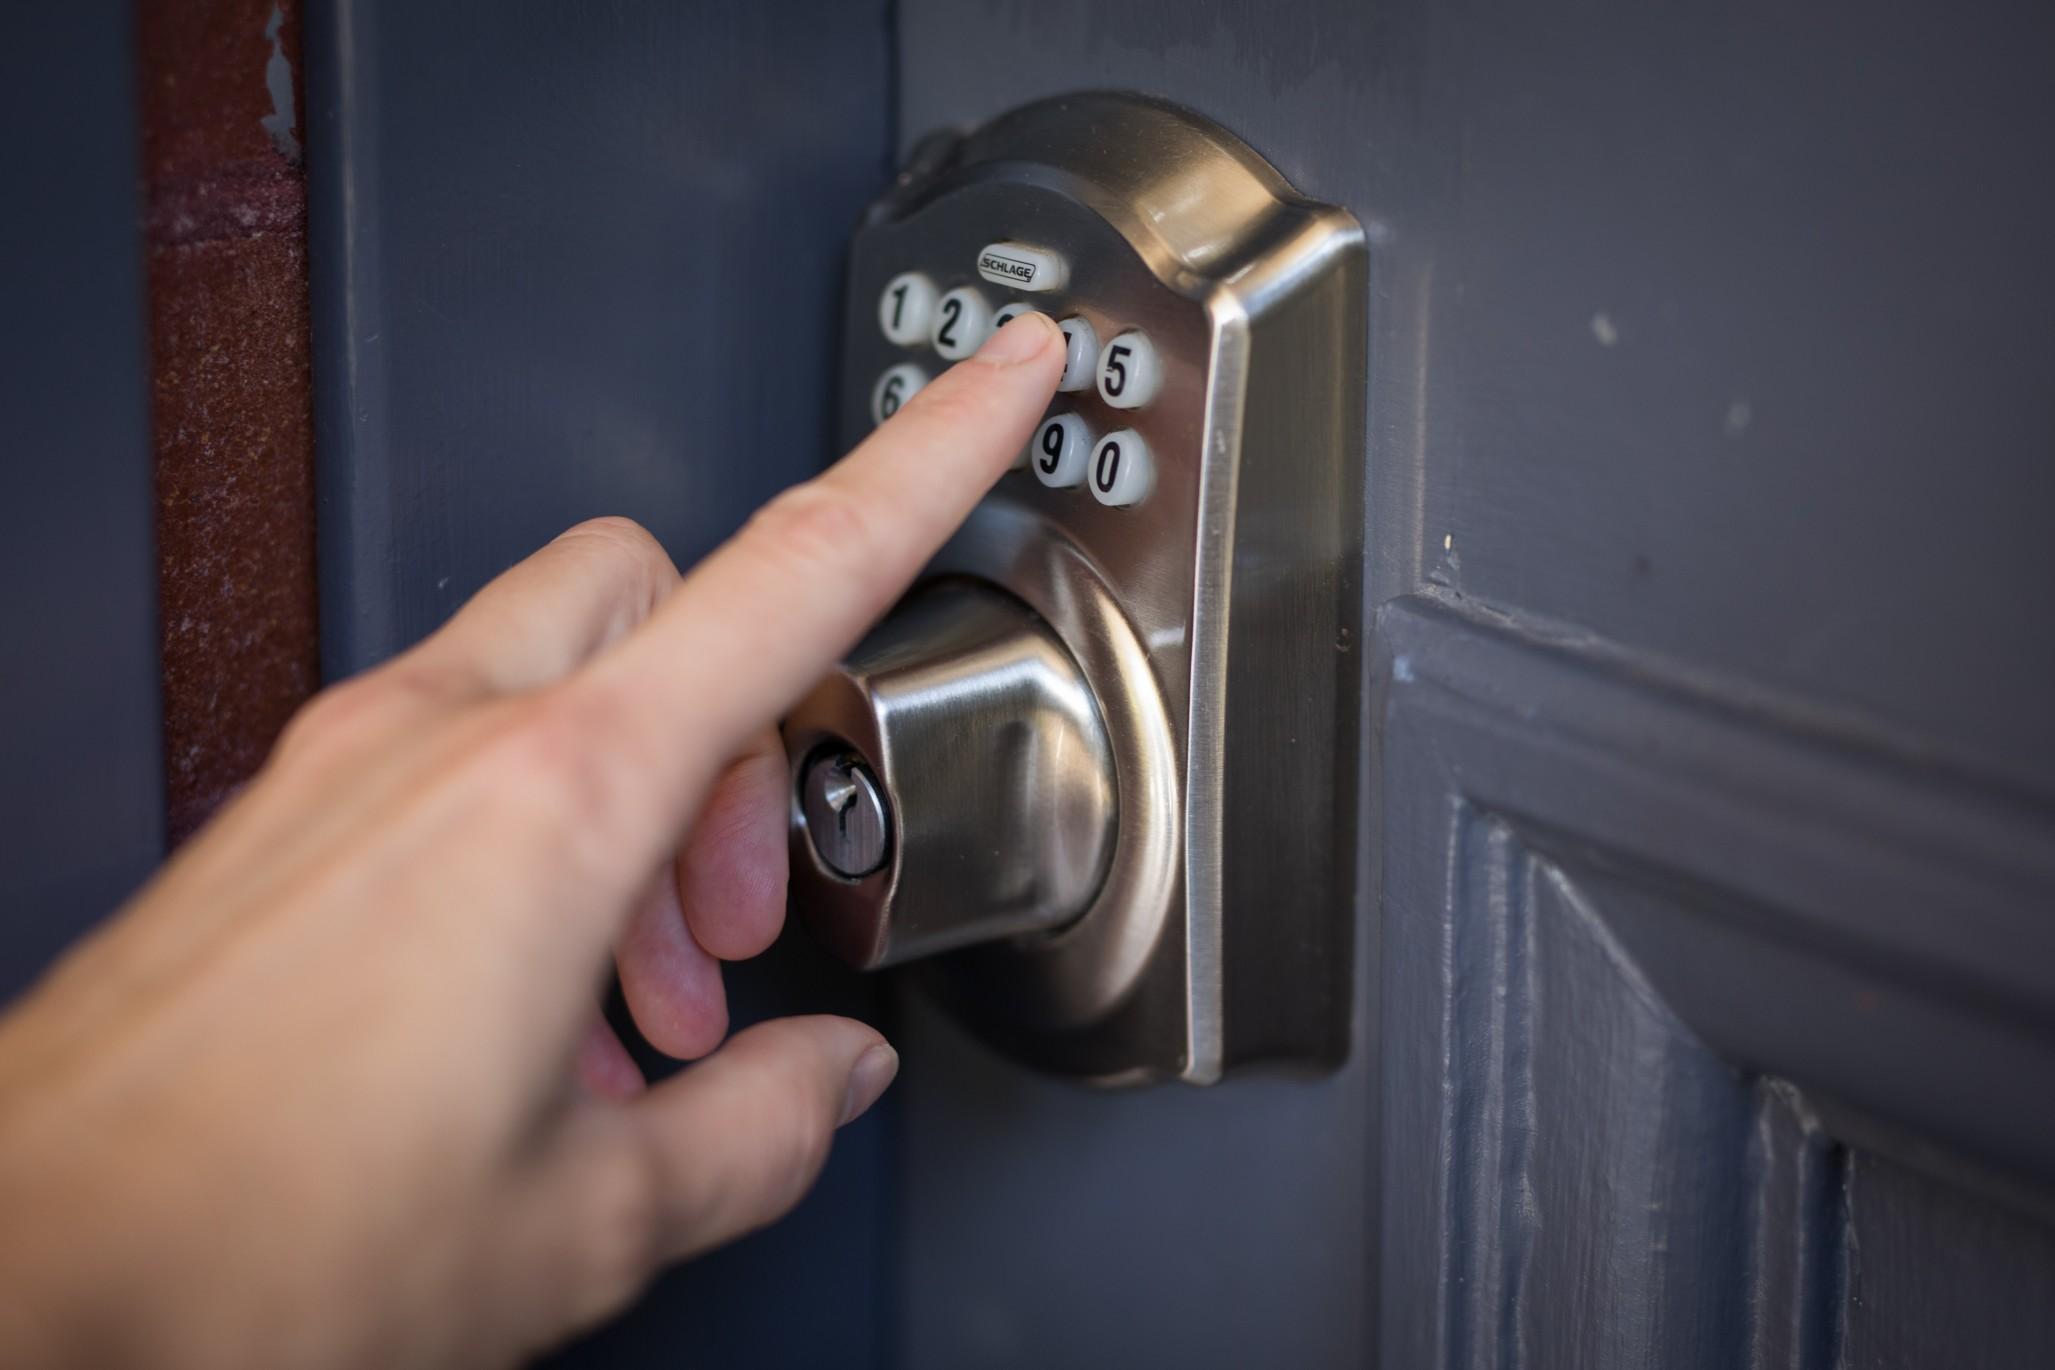 Der Sicherheit kommt beim Hauskauf große Bedeutung zu. Foto: IGHTITUP via Twenty20